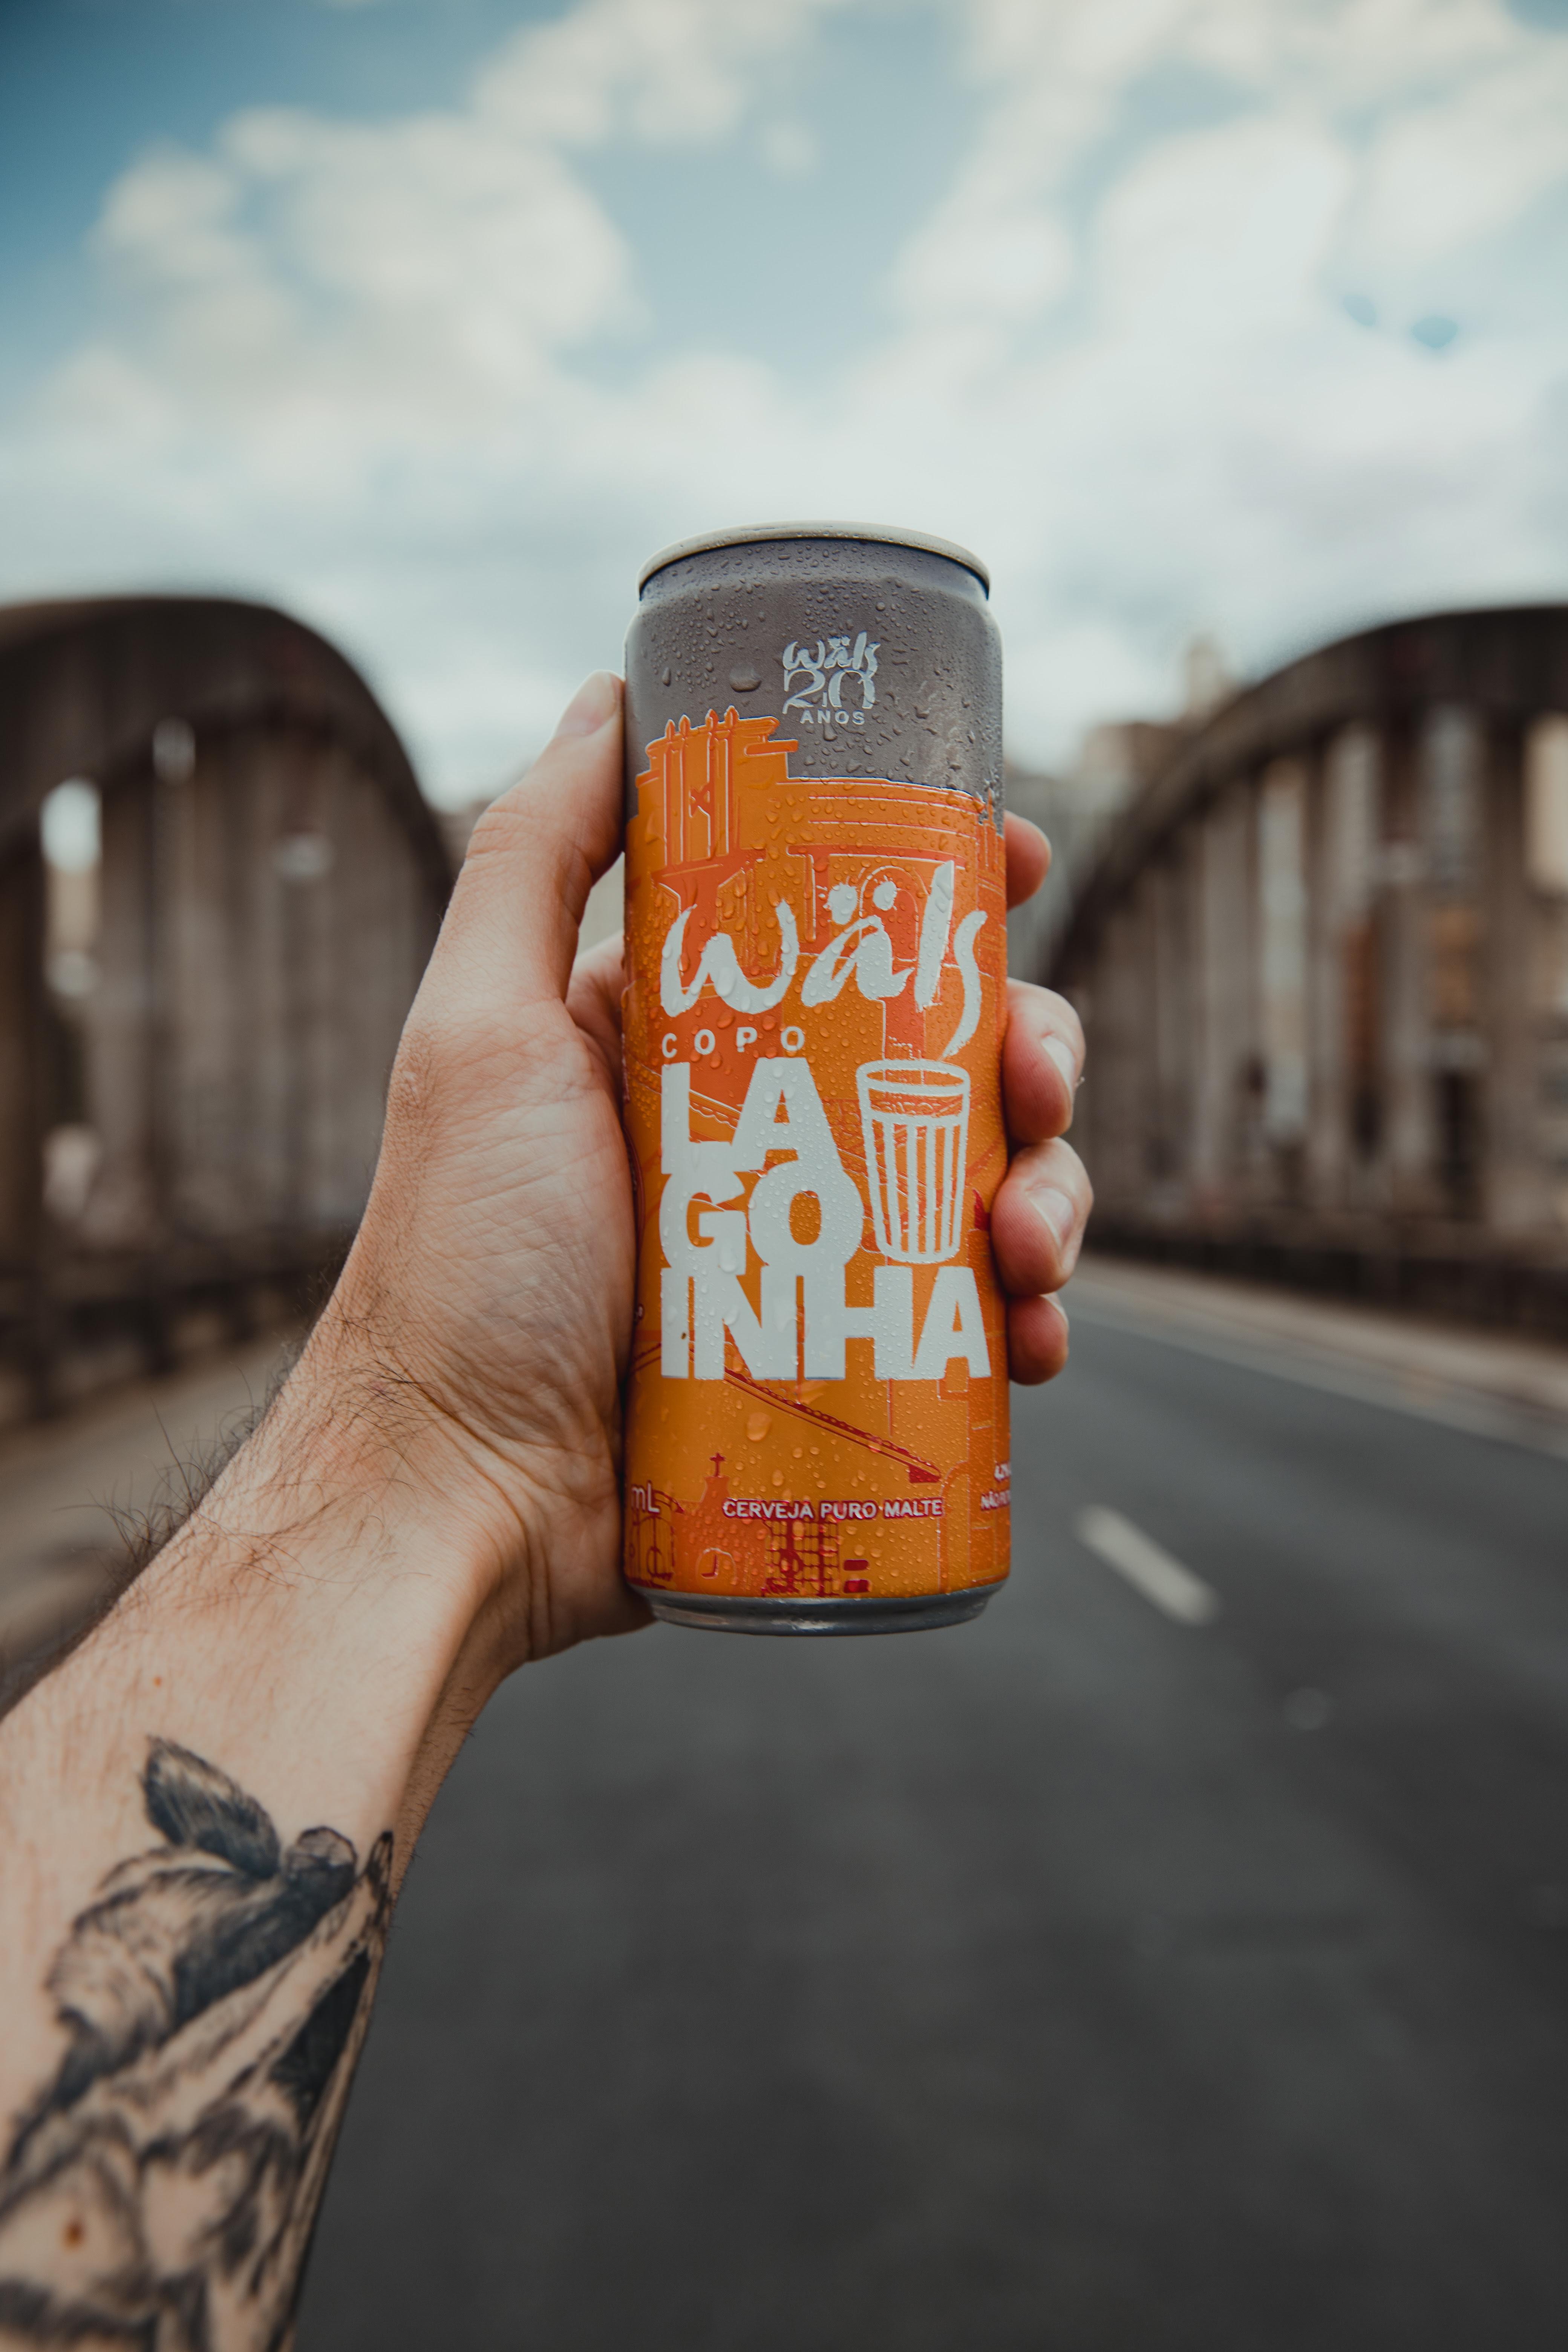 Wäls Copo Lagoinha - Foto: Divulgação